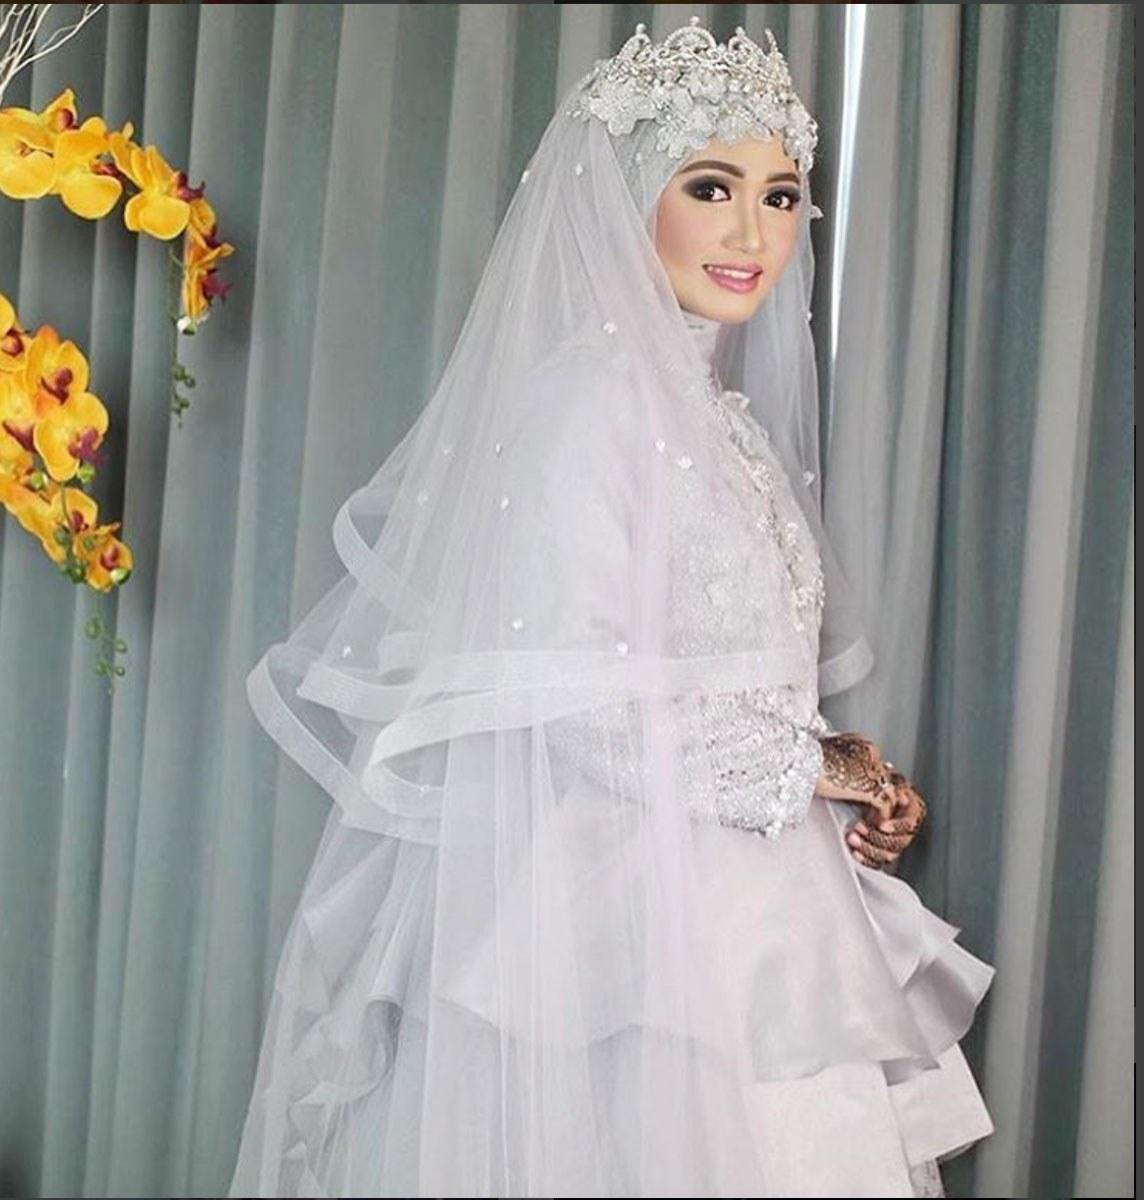 Ide Gaun Pengantin Muslimah Yang Syar'i Dwdk 15 Gaun Pengantin 'fairy Tale' Oki Setiana Dewi Yang